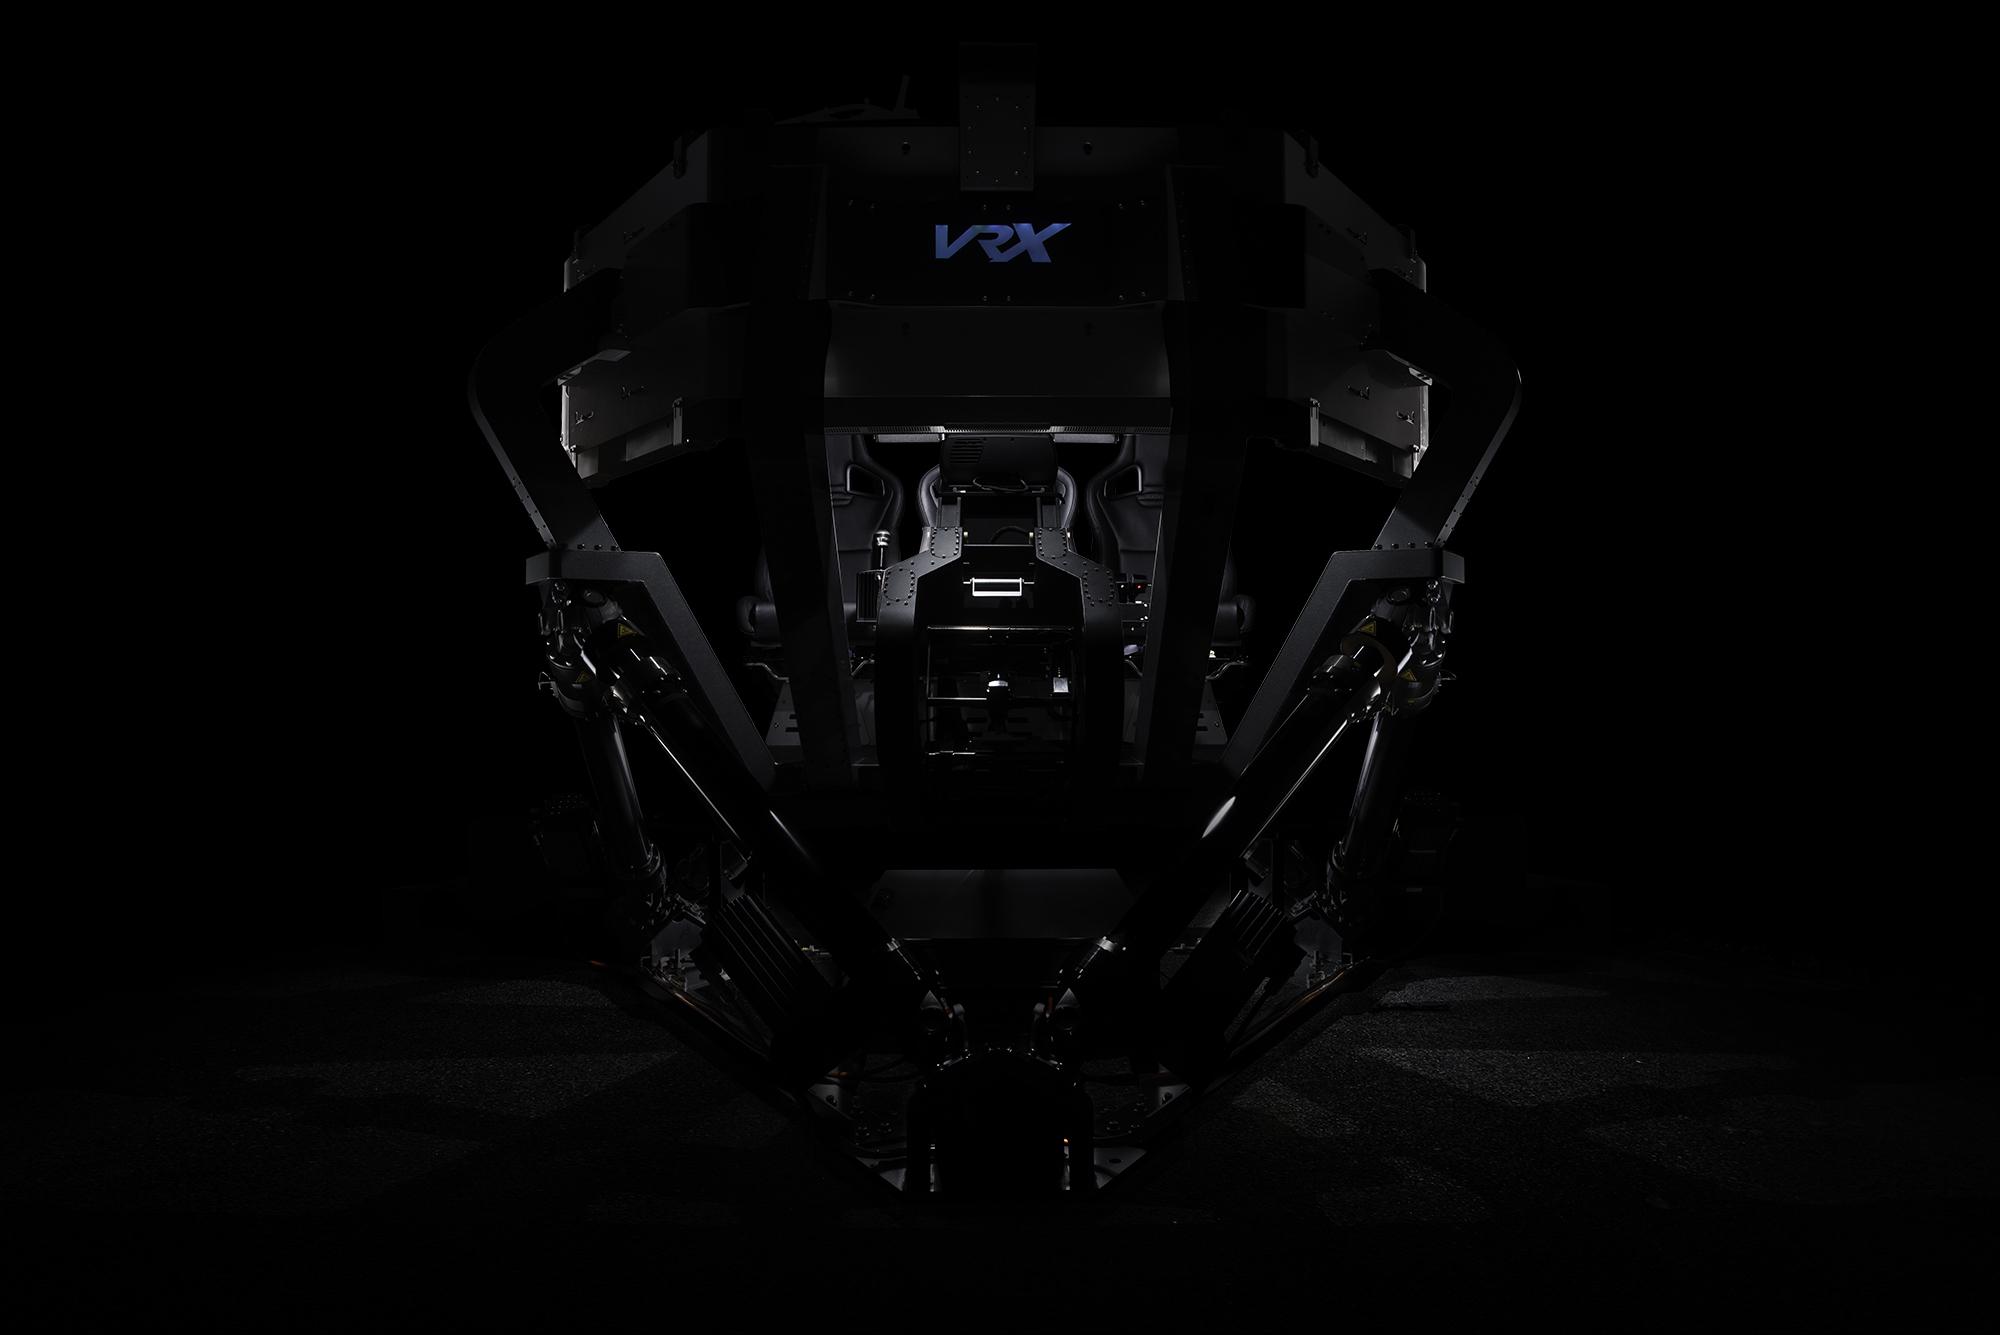 VRX Raptor 6DOF simulator